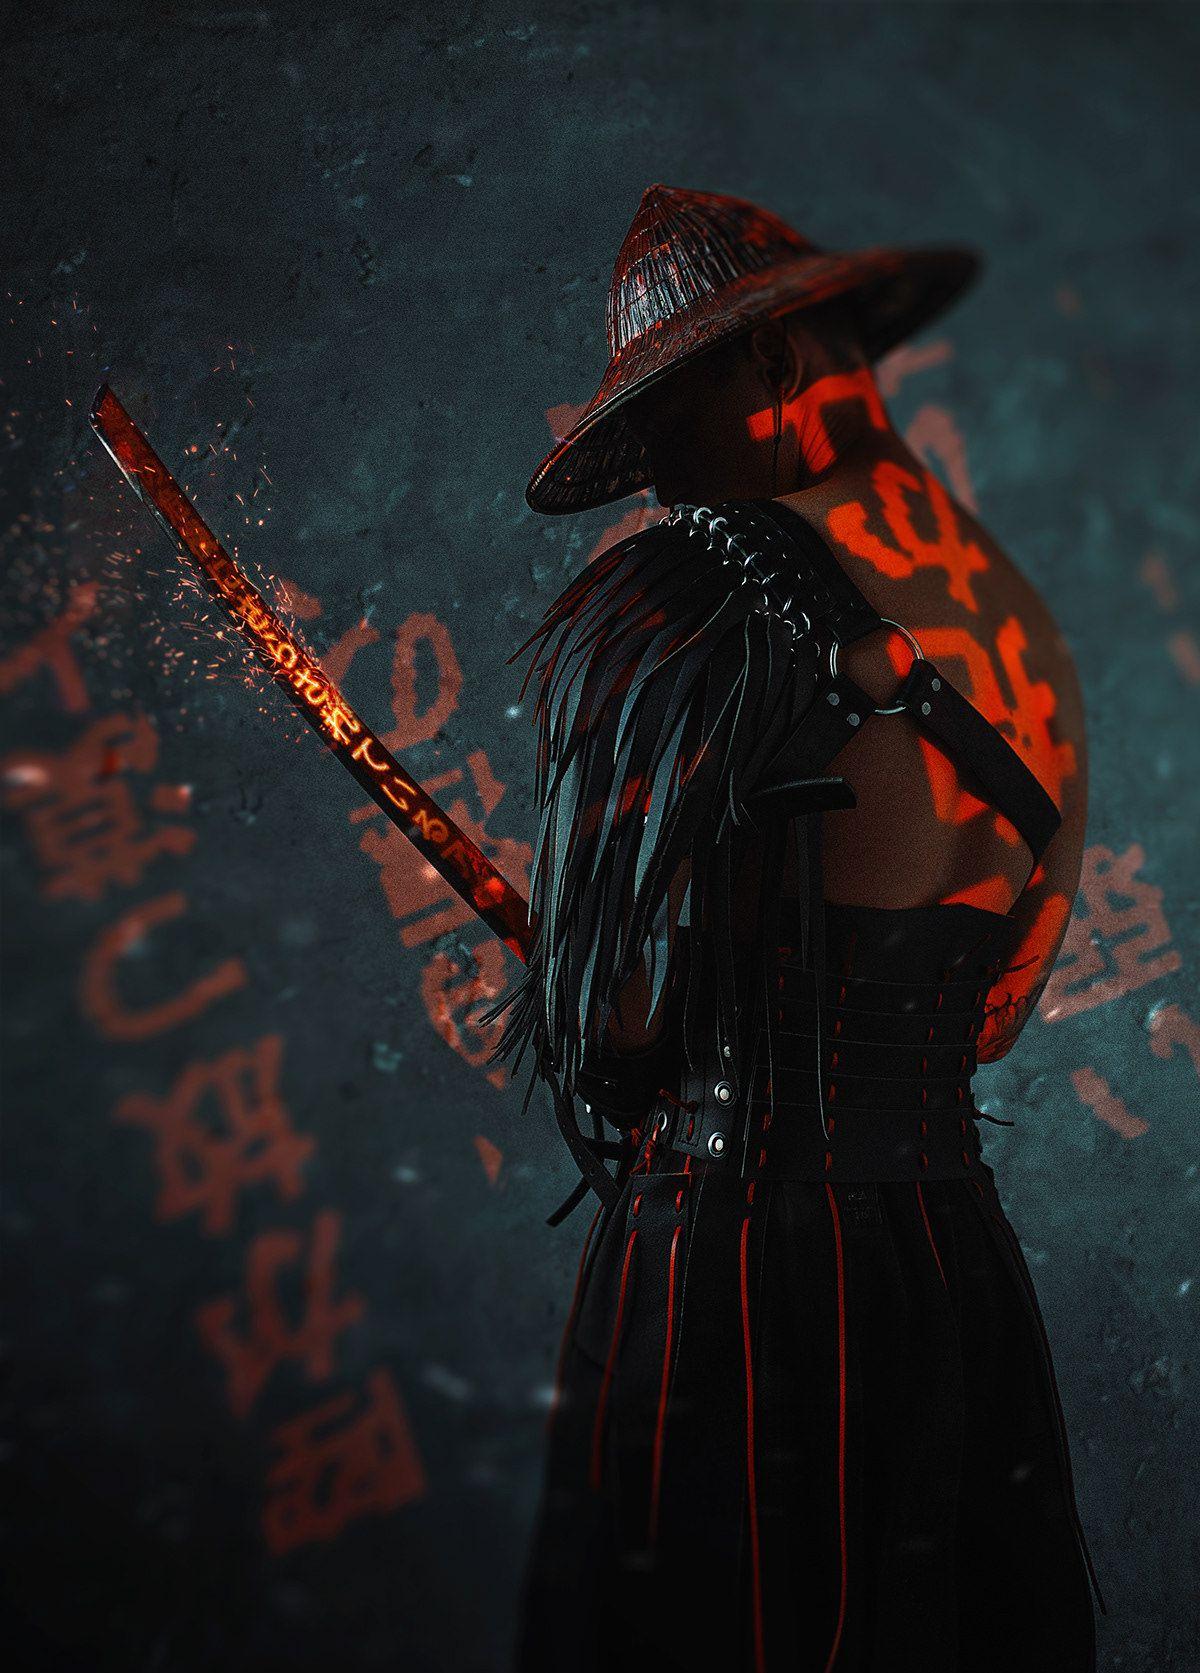 The Blind Ninja Neon Samurai By Dmitry Mel In 2020 Samurai Artwork Samurai Wallpaper Samurai Art